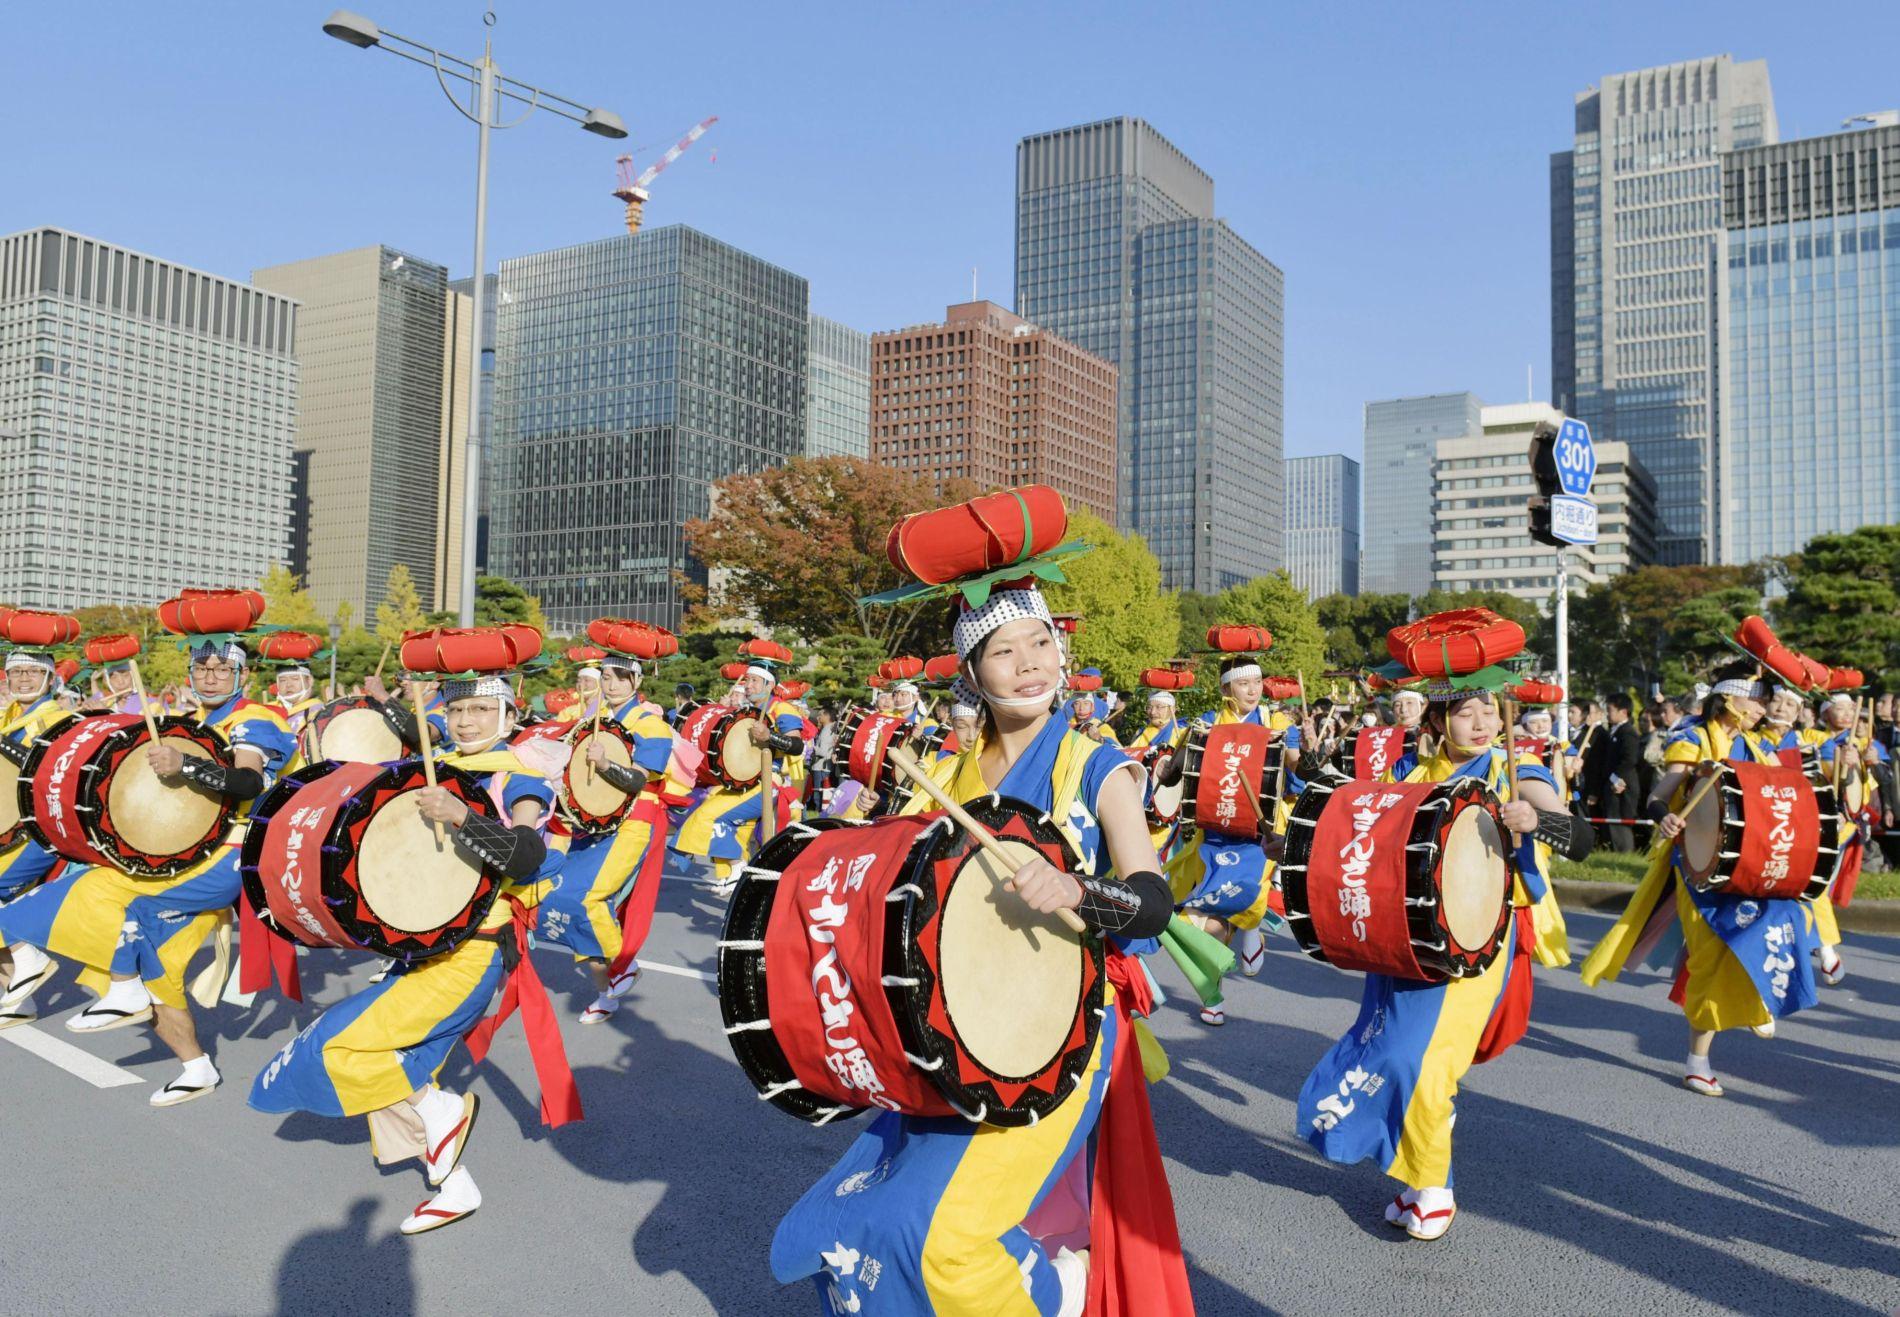 Japan National Celebration Festival of Emperor Enthronement 039